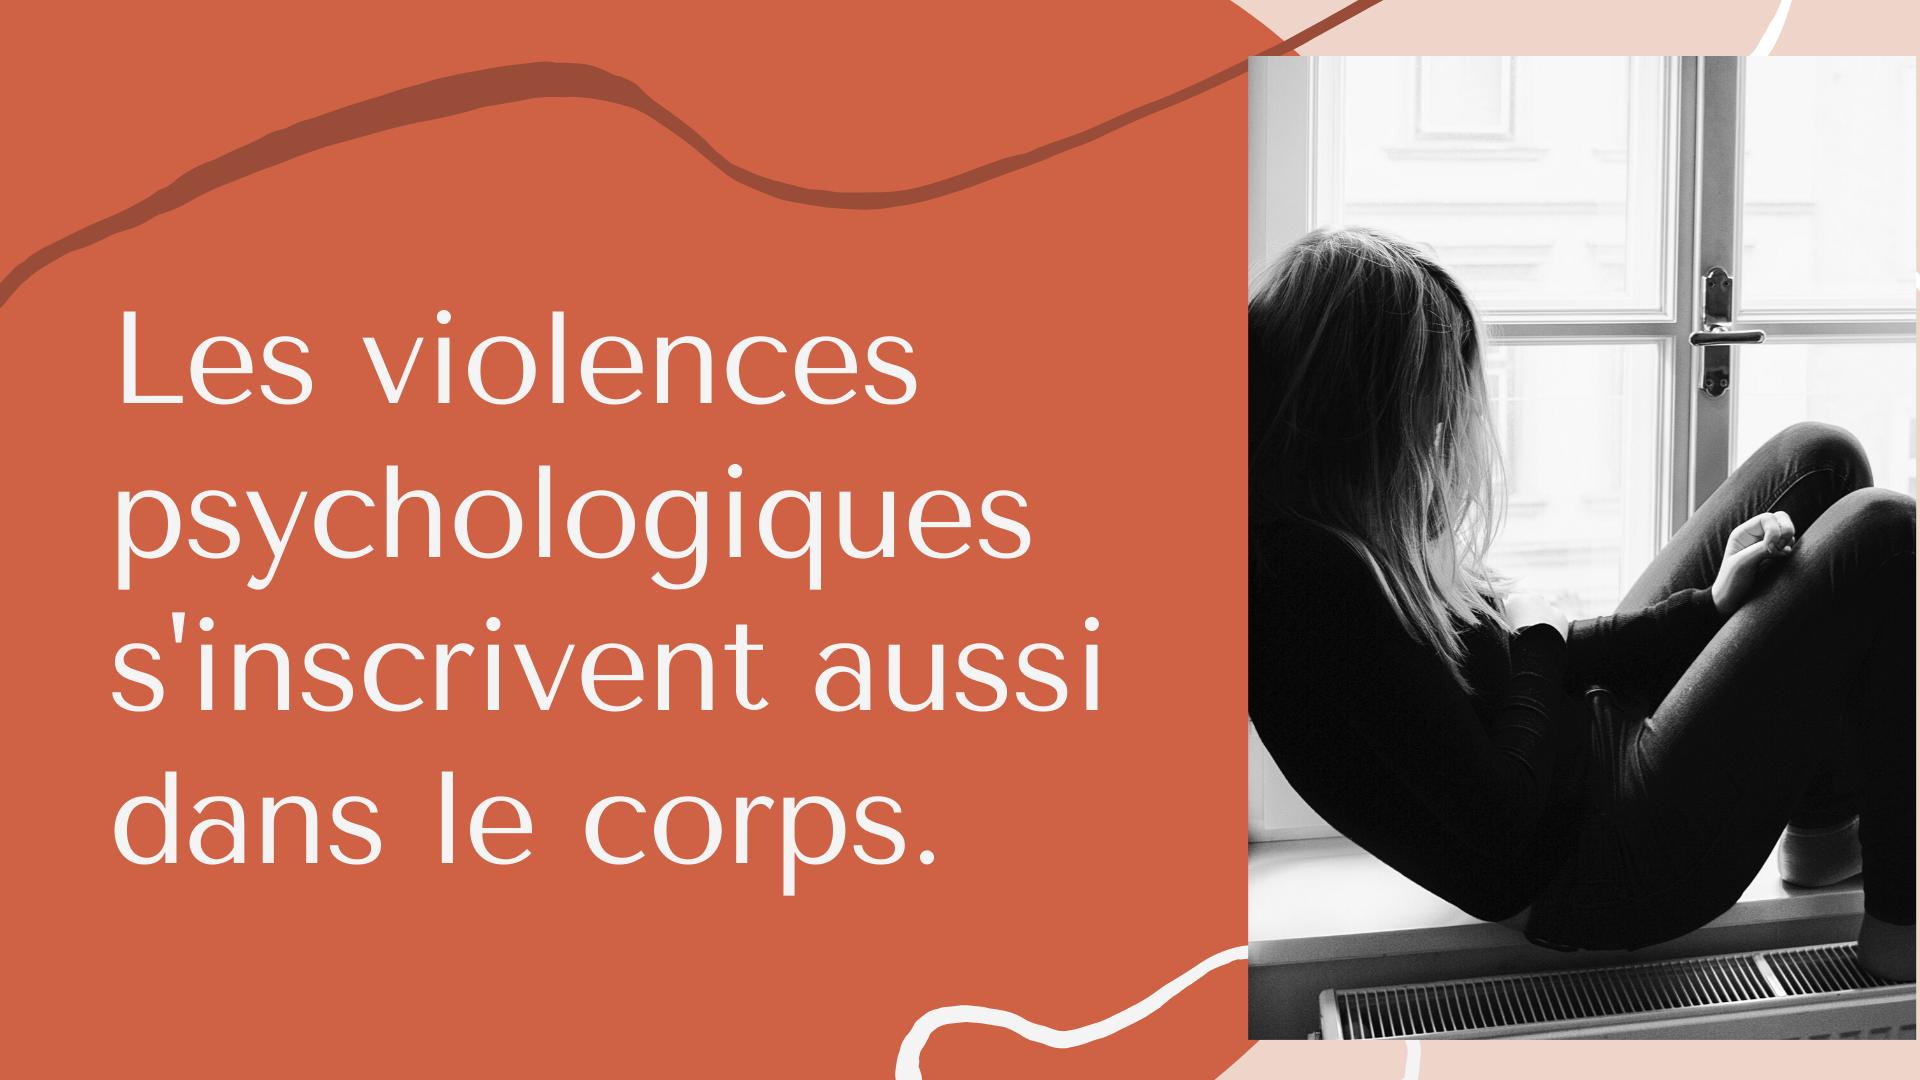 Les violences psychologiques s'inscrivent aussi dans le corps.